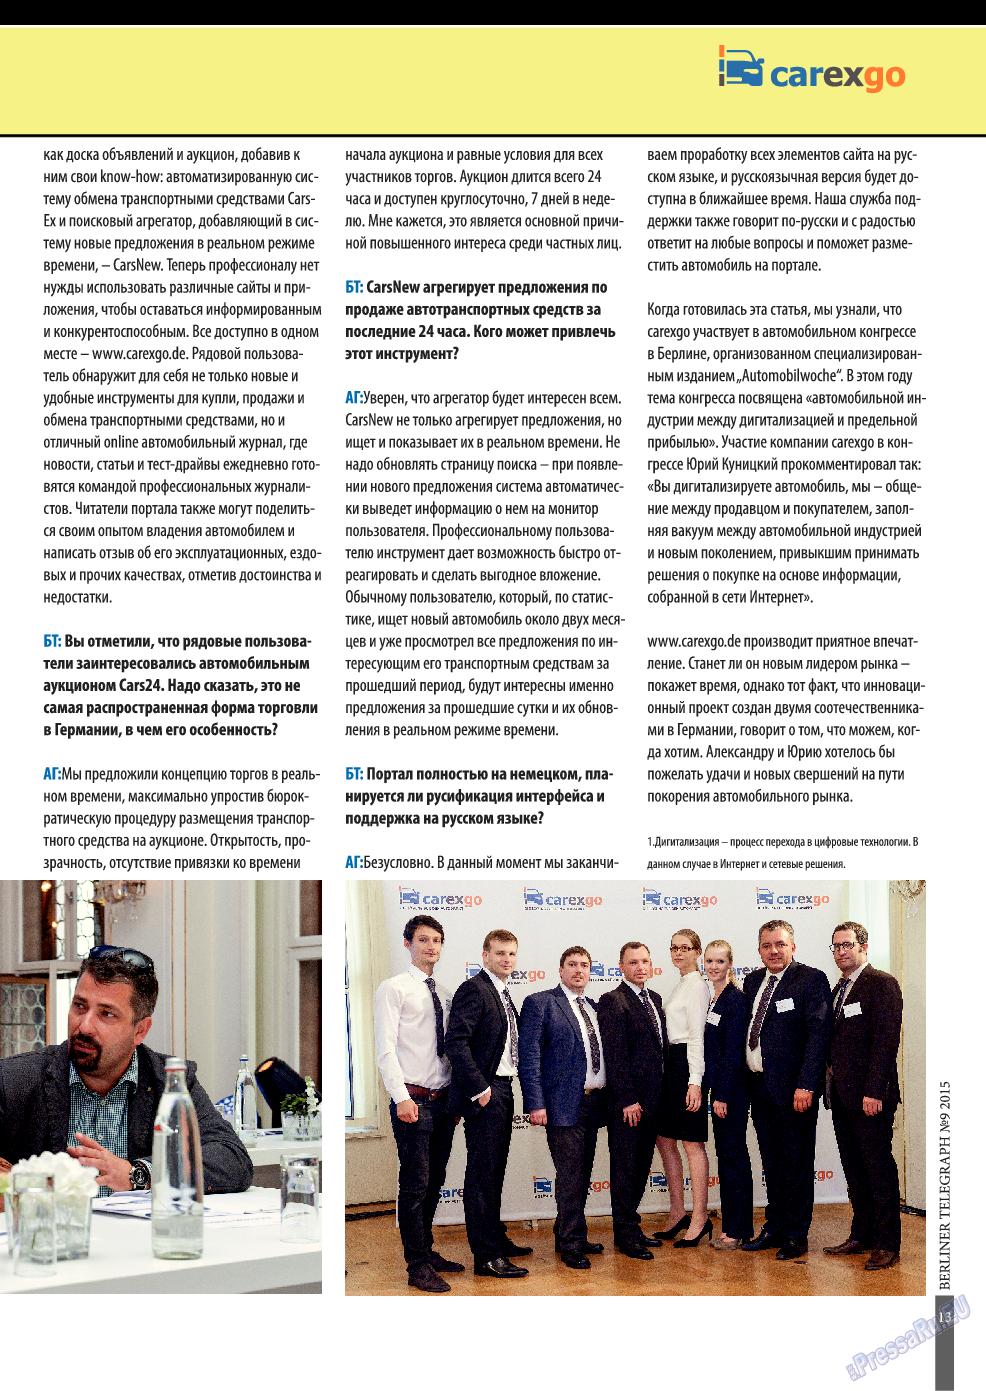 Берлинский телеграф (журнал). 2015 год, номер 10, стр. 13